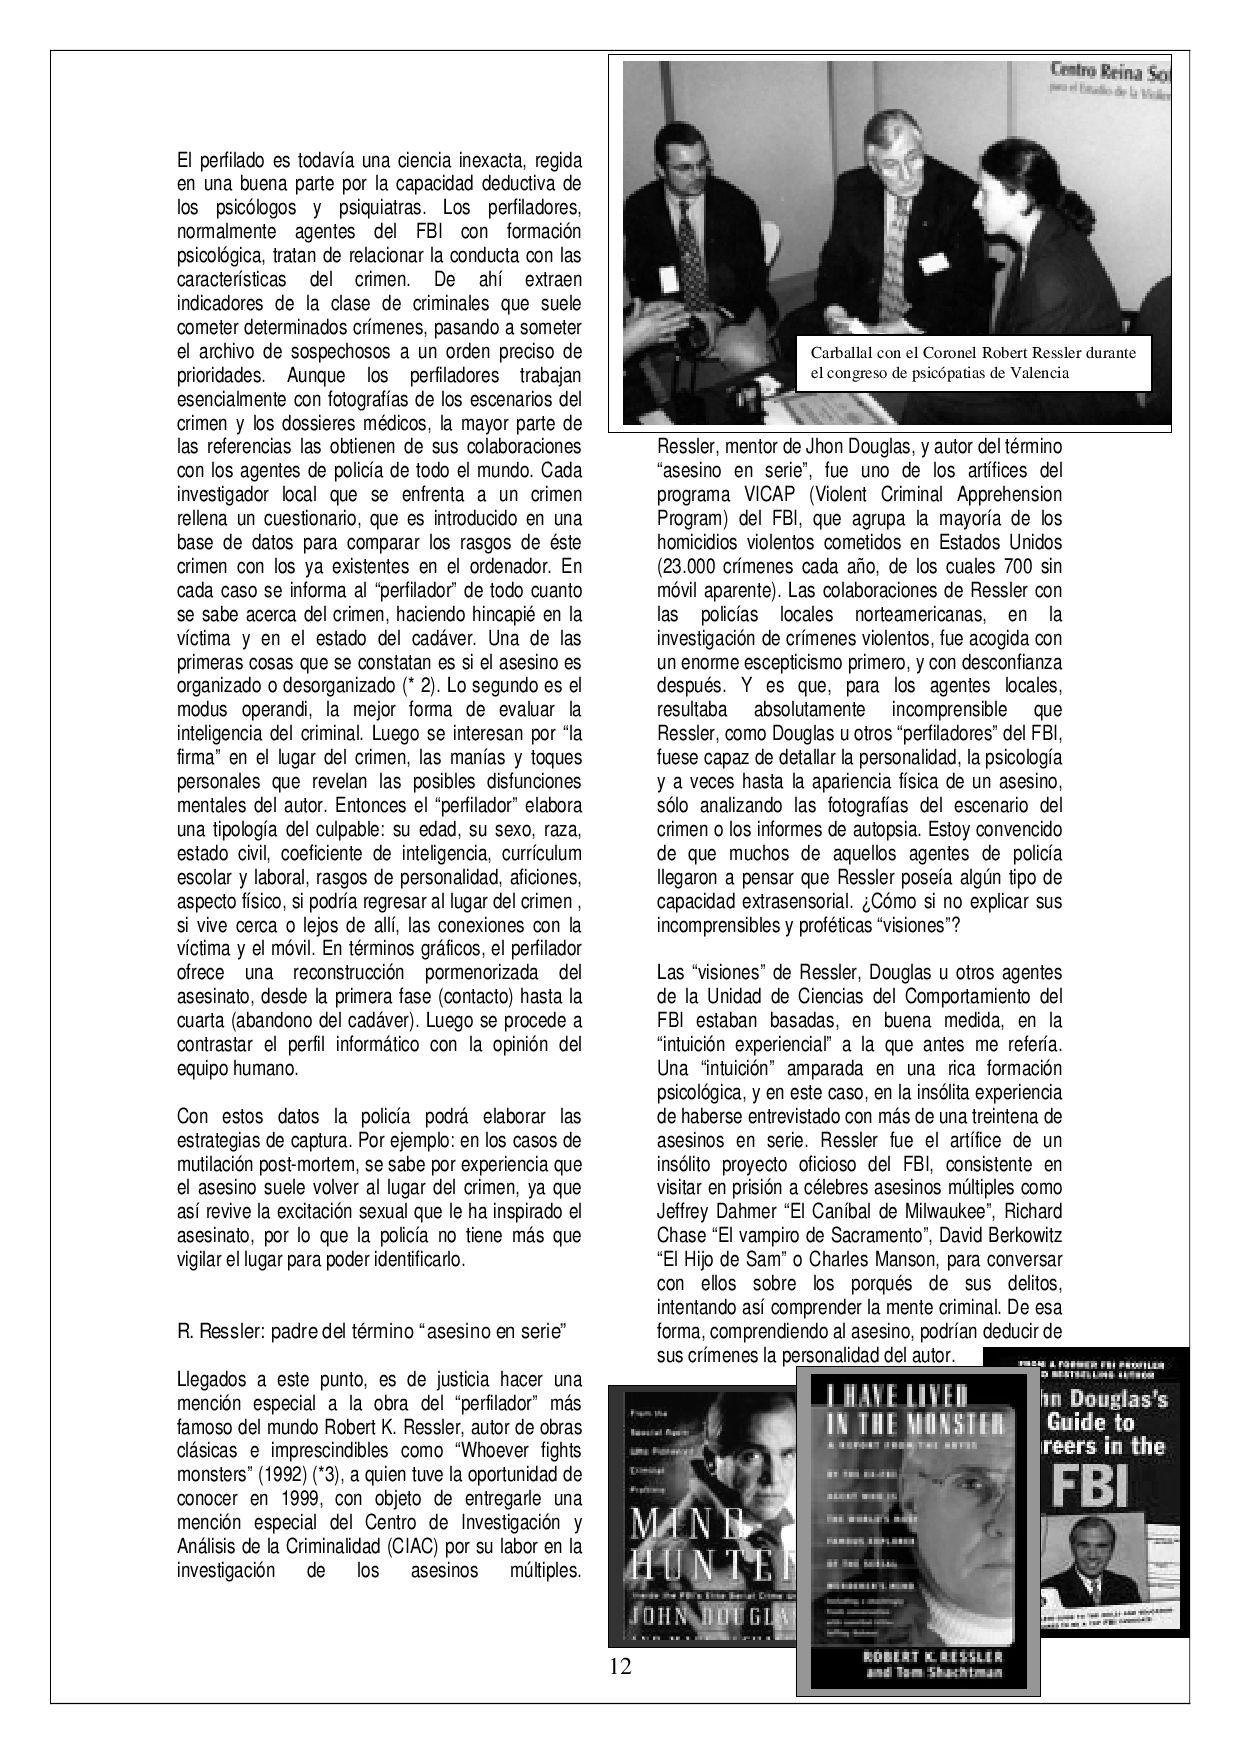 El Ojo Critico 55 by Diego Marañon - issuu